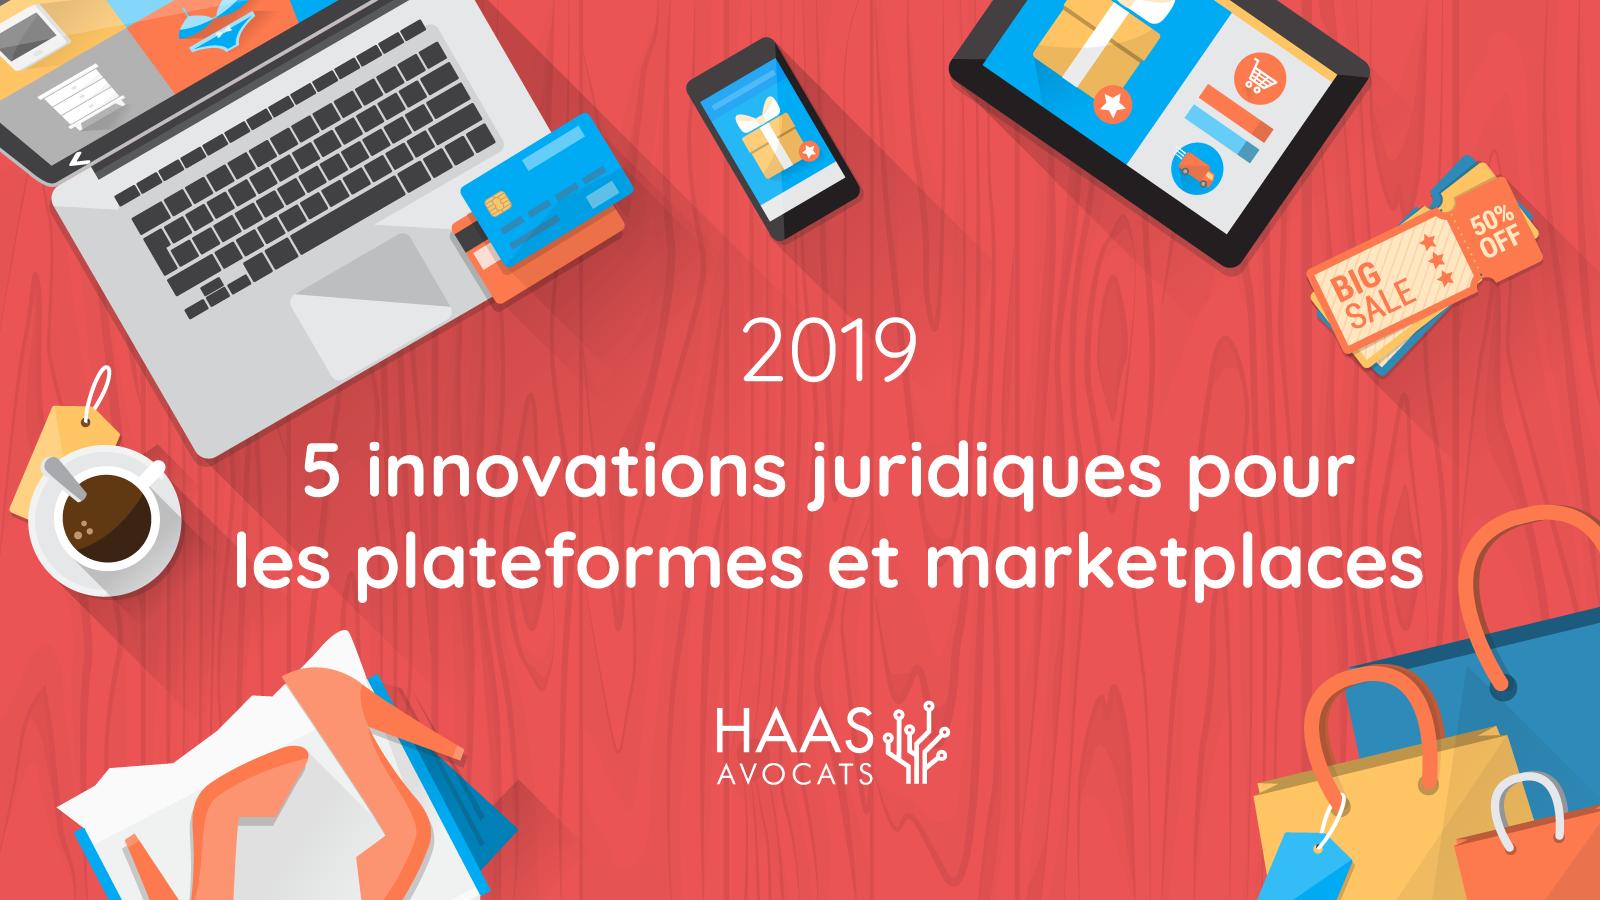 5 innovations juridiques pour les plateformes et marketplaces en 2019